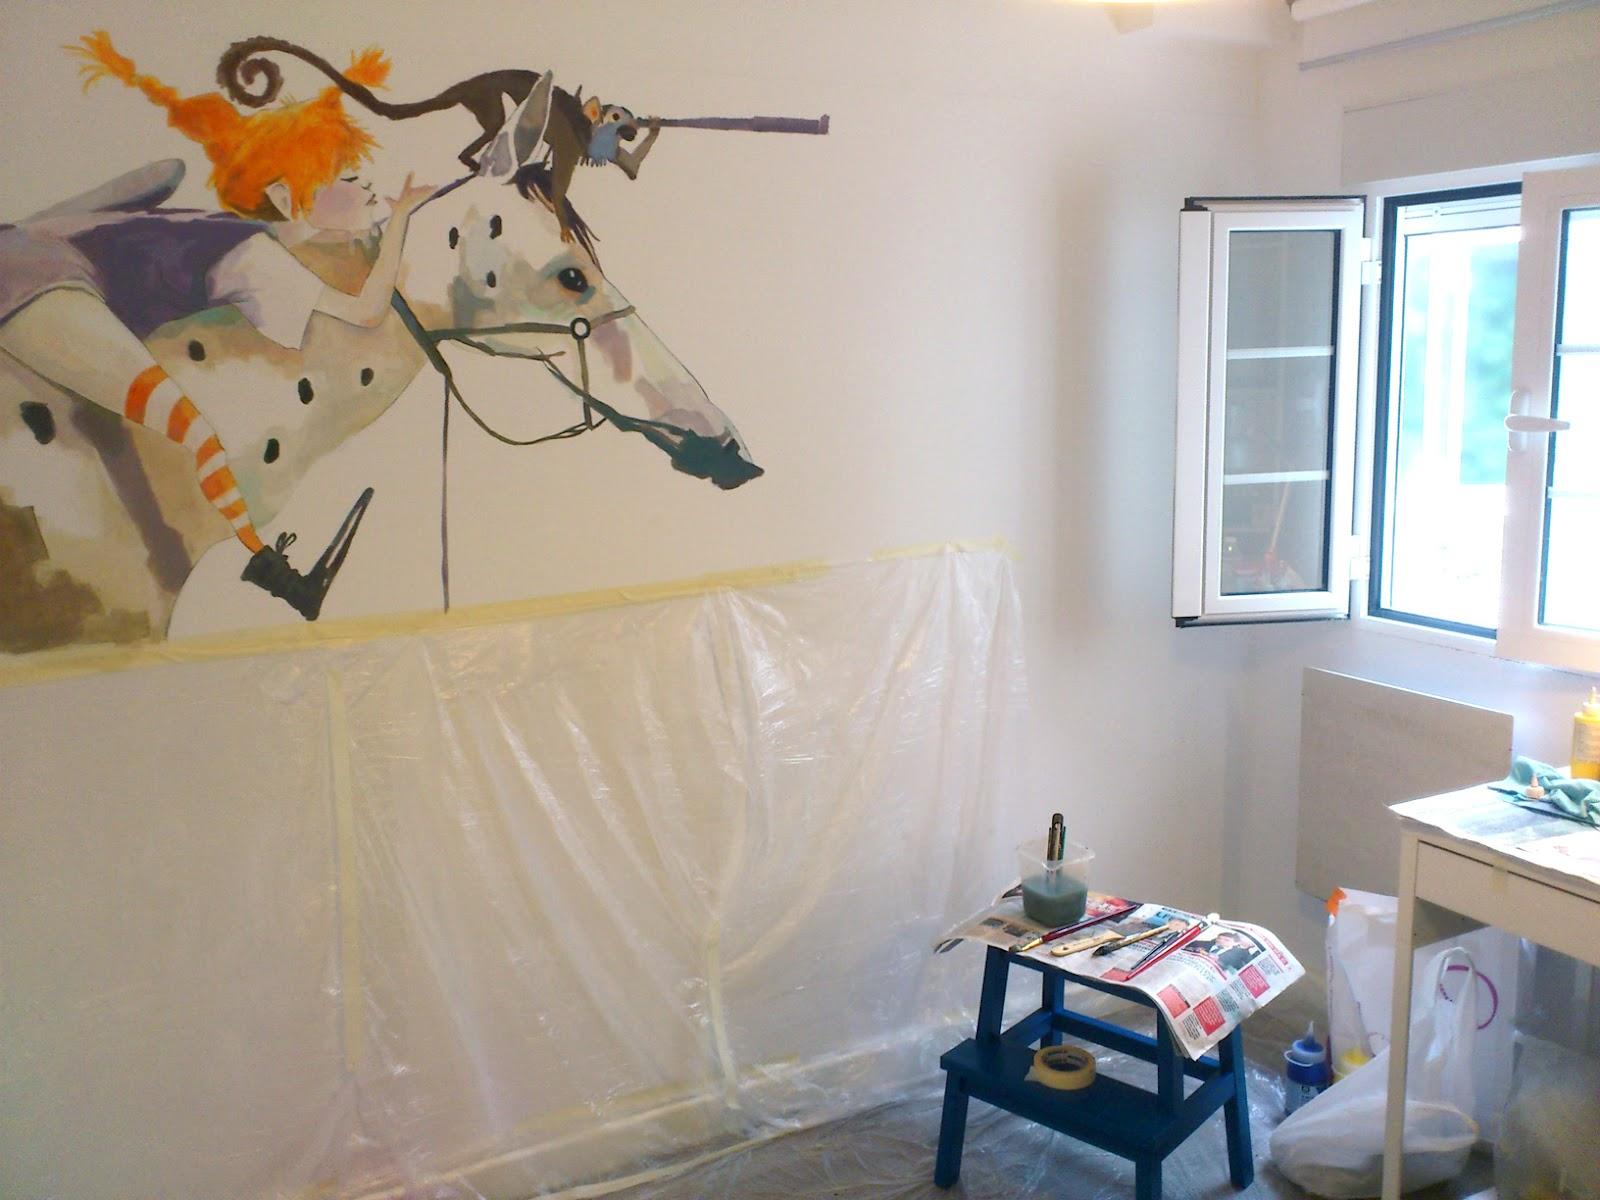 Teresa mundo pintura mural para habitaci n for Mural para habitacion